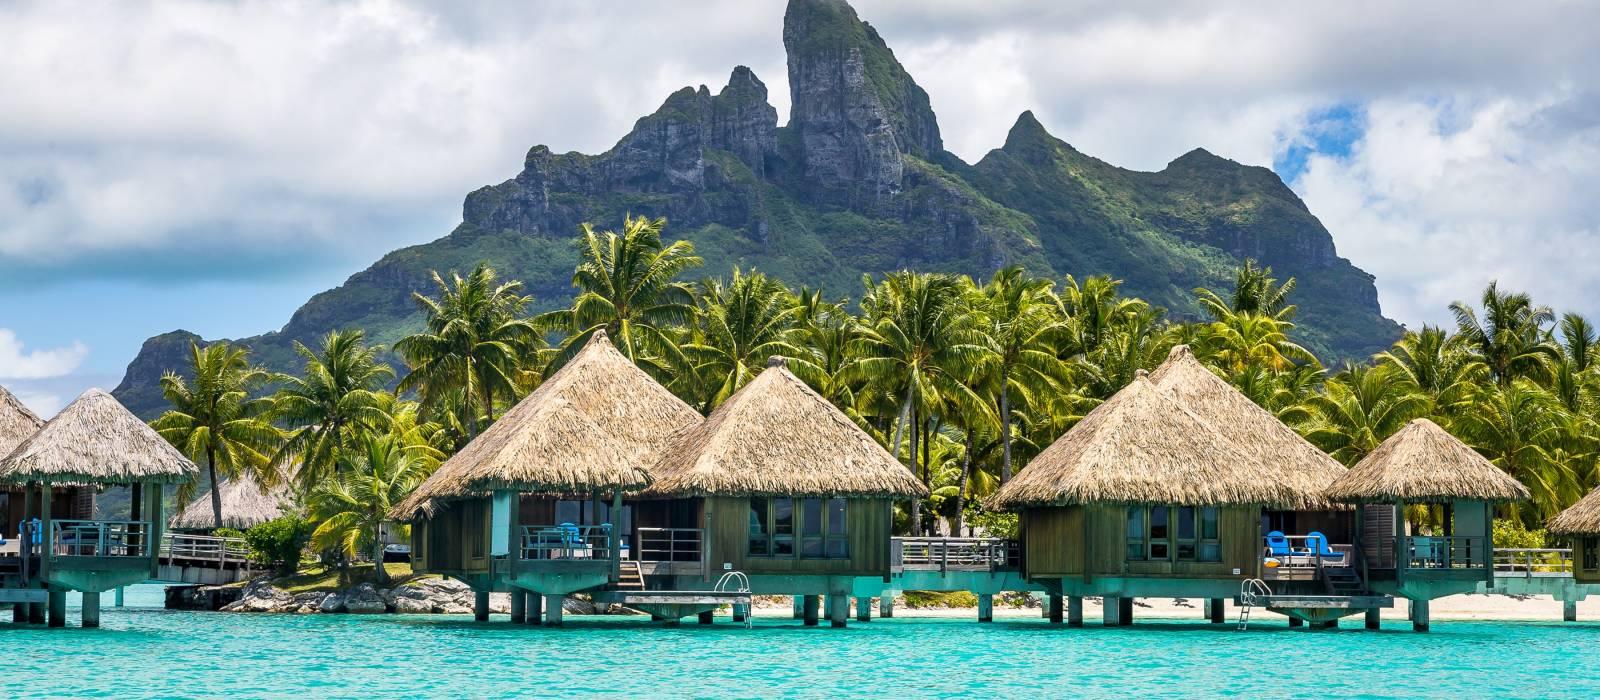 Französisch Polynesien Urlaub Bungalows